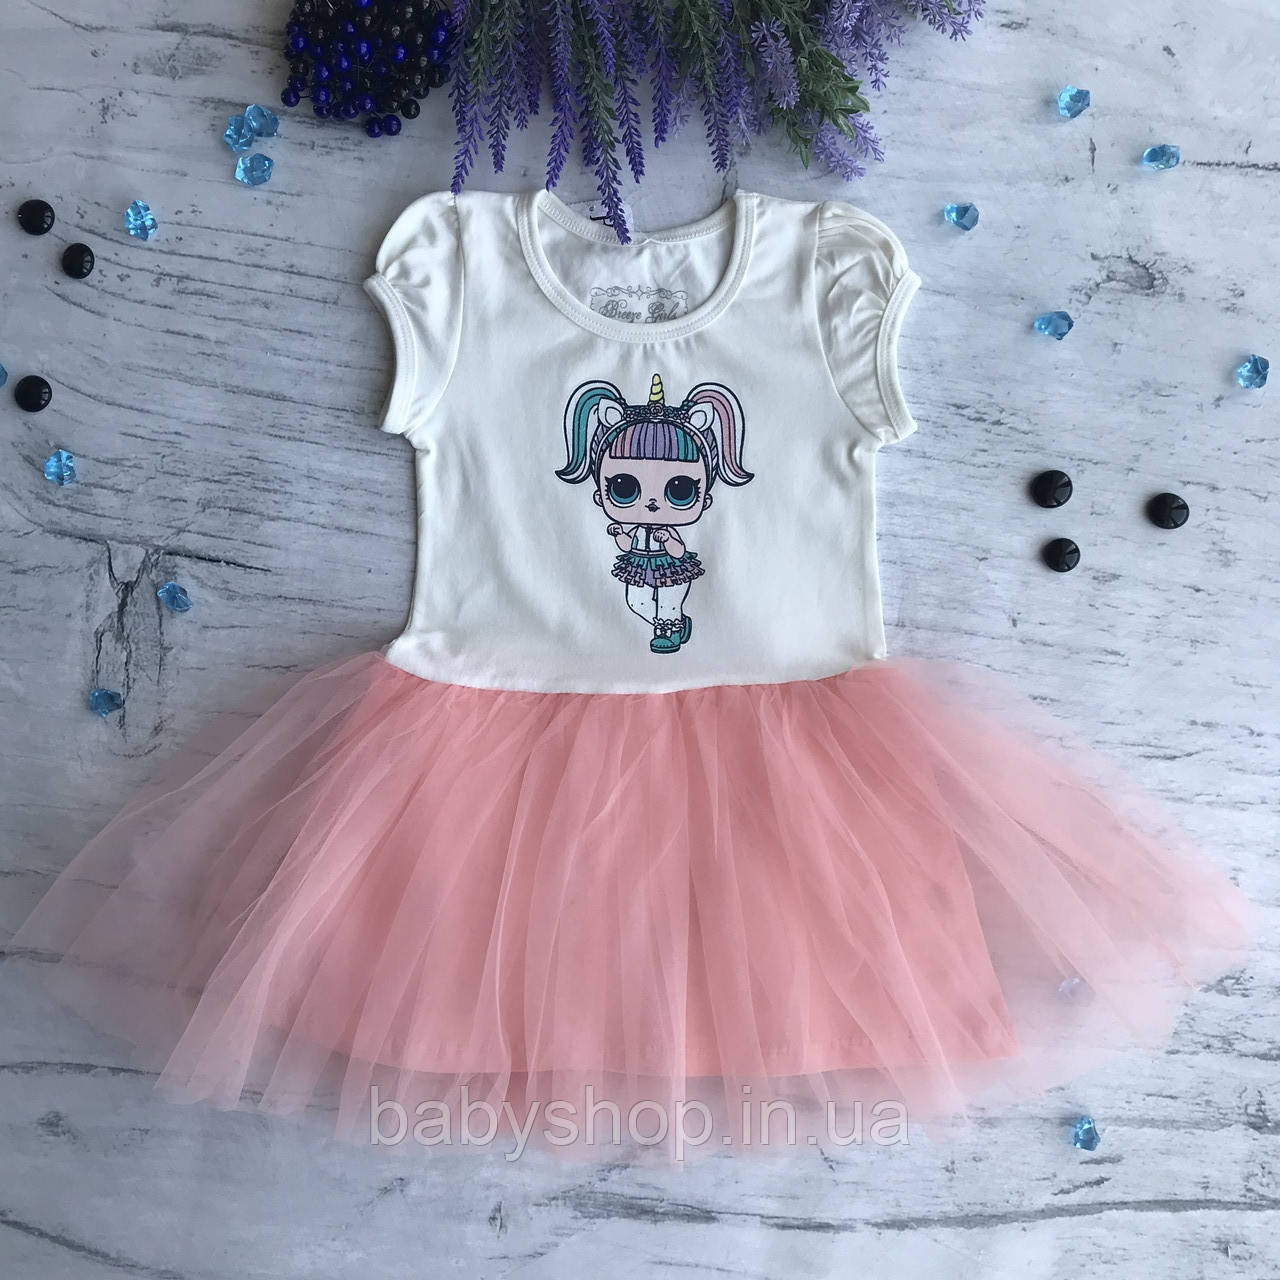 Летнее платье на девочку Breeze Лол 26. Размеры 104 см, 122 см